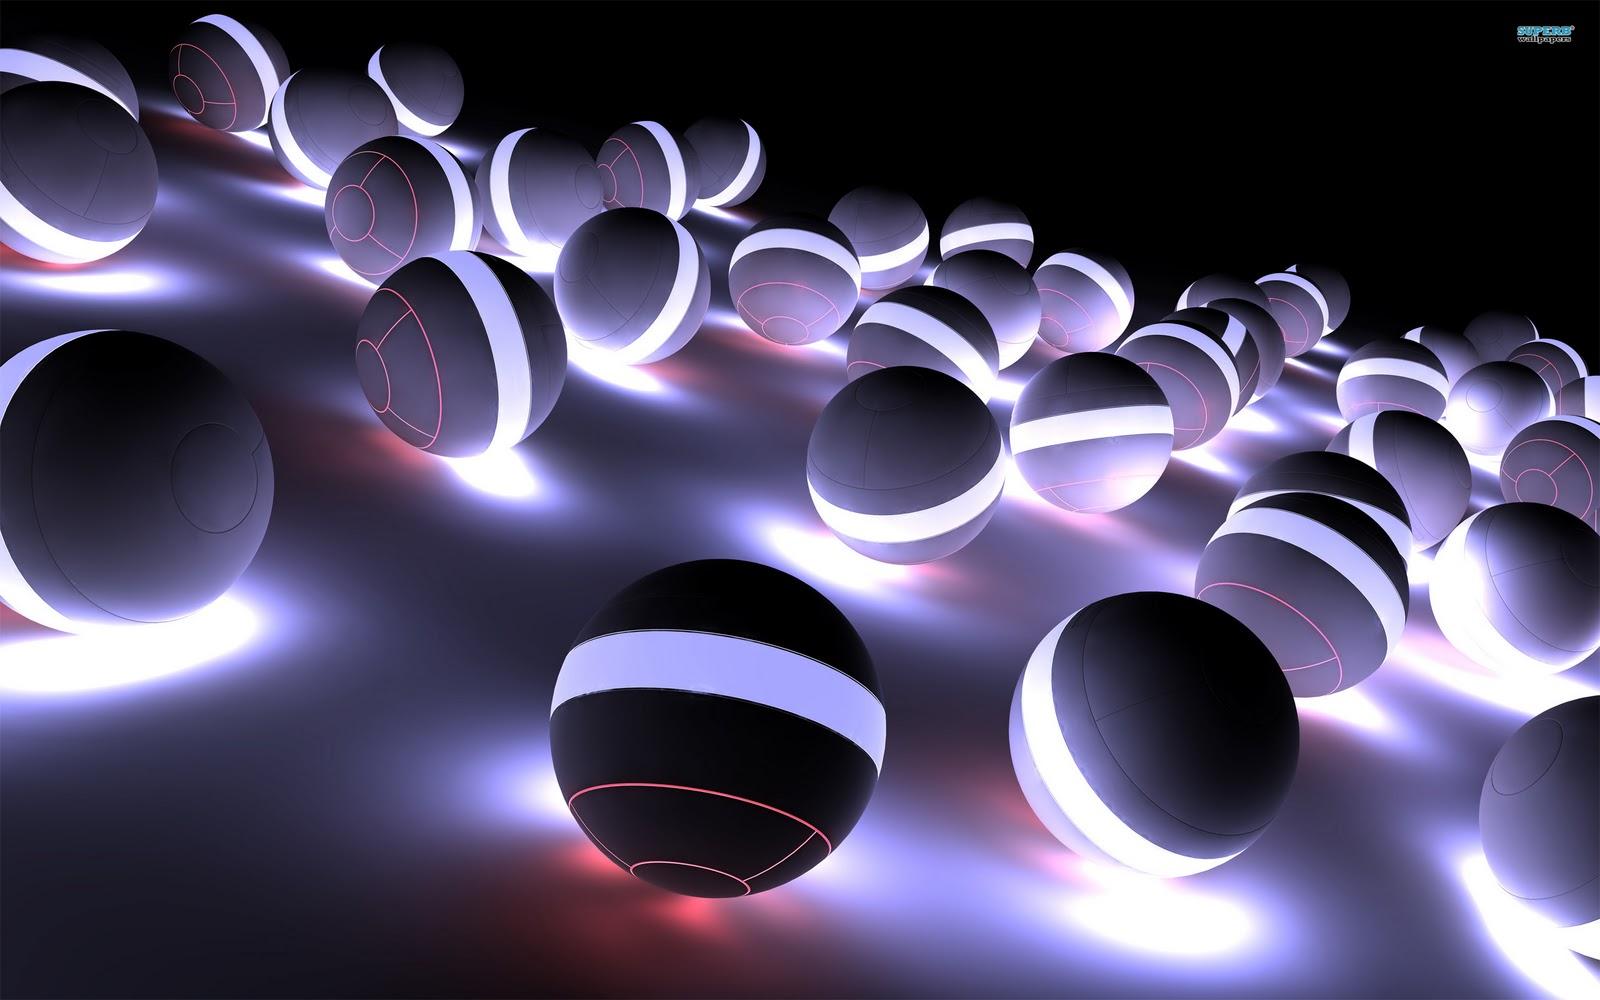 hd 3d planets wallpaper hd 3d wallpaper hd 3d colour wallpaper hd 3d 1600x1000